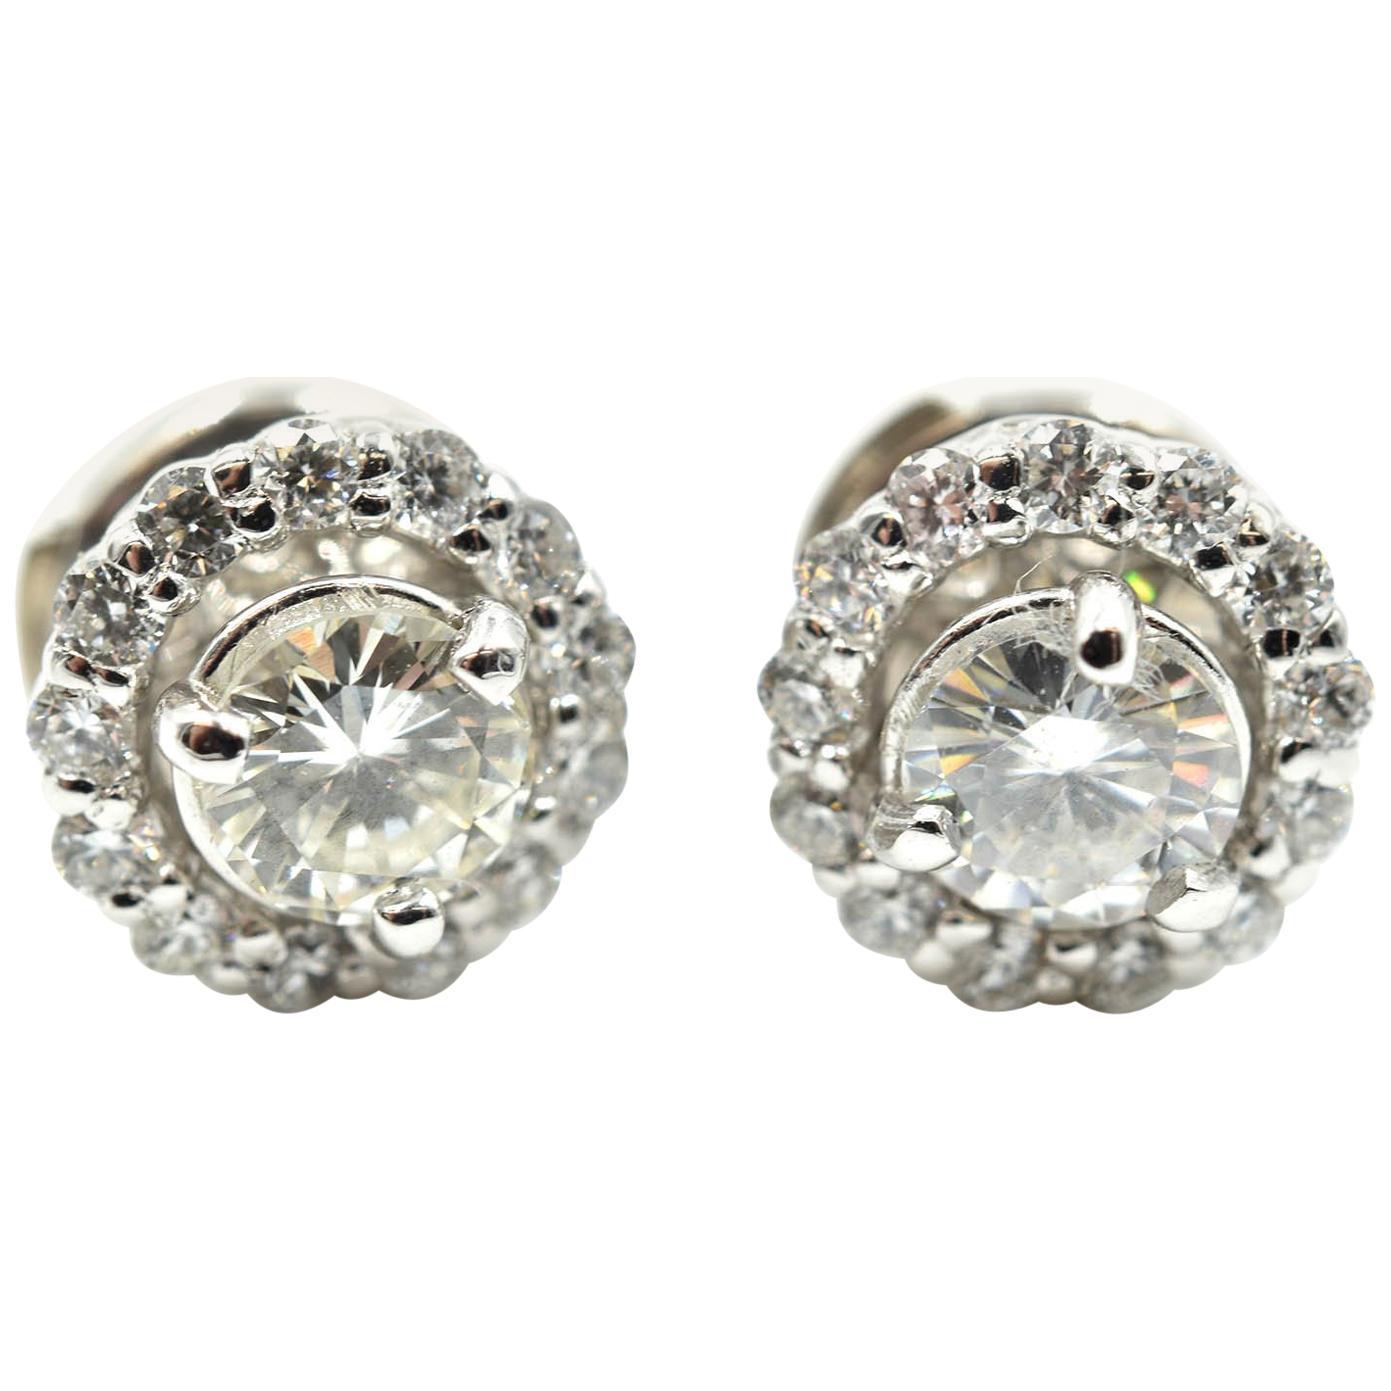 1.52 CT Martini Diamond Stud Earrings I